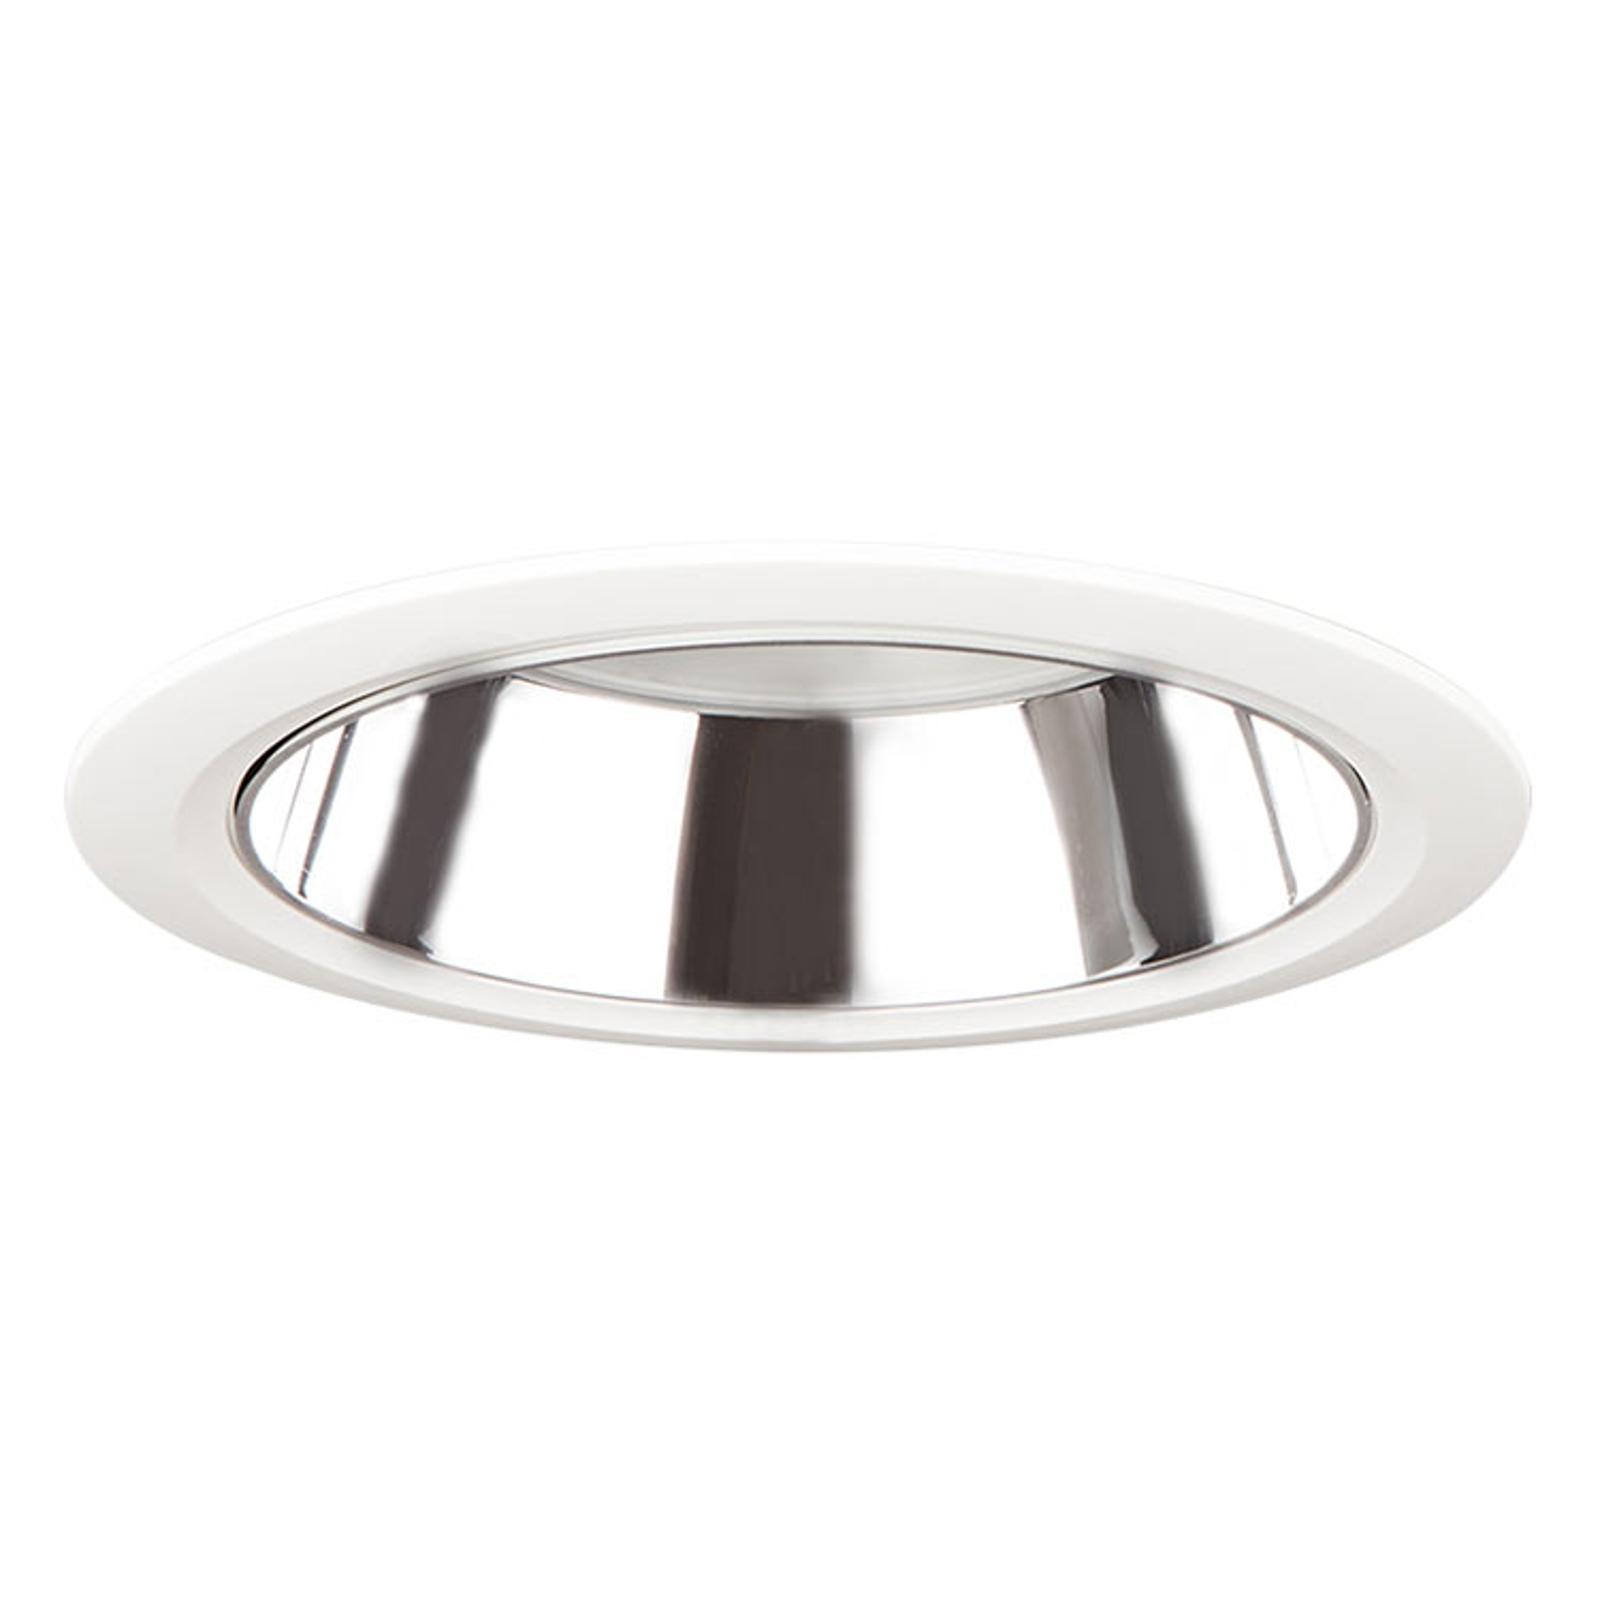 D70-RF155 HF LED-downlight 4 000 K hvit/sølv